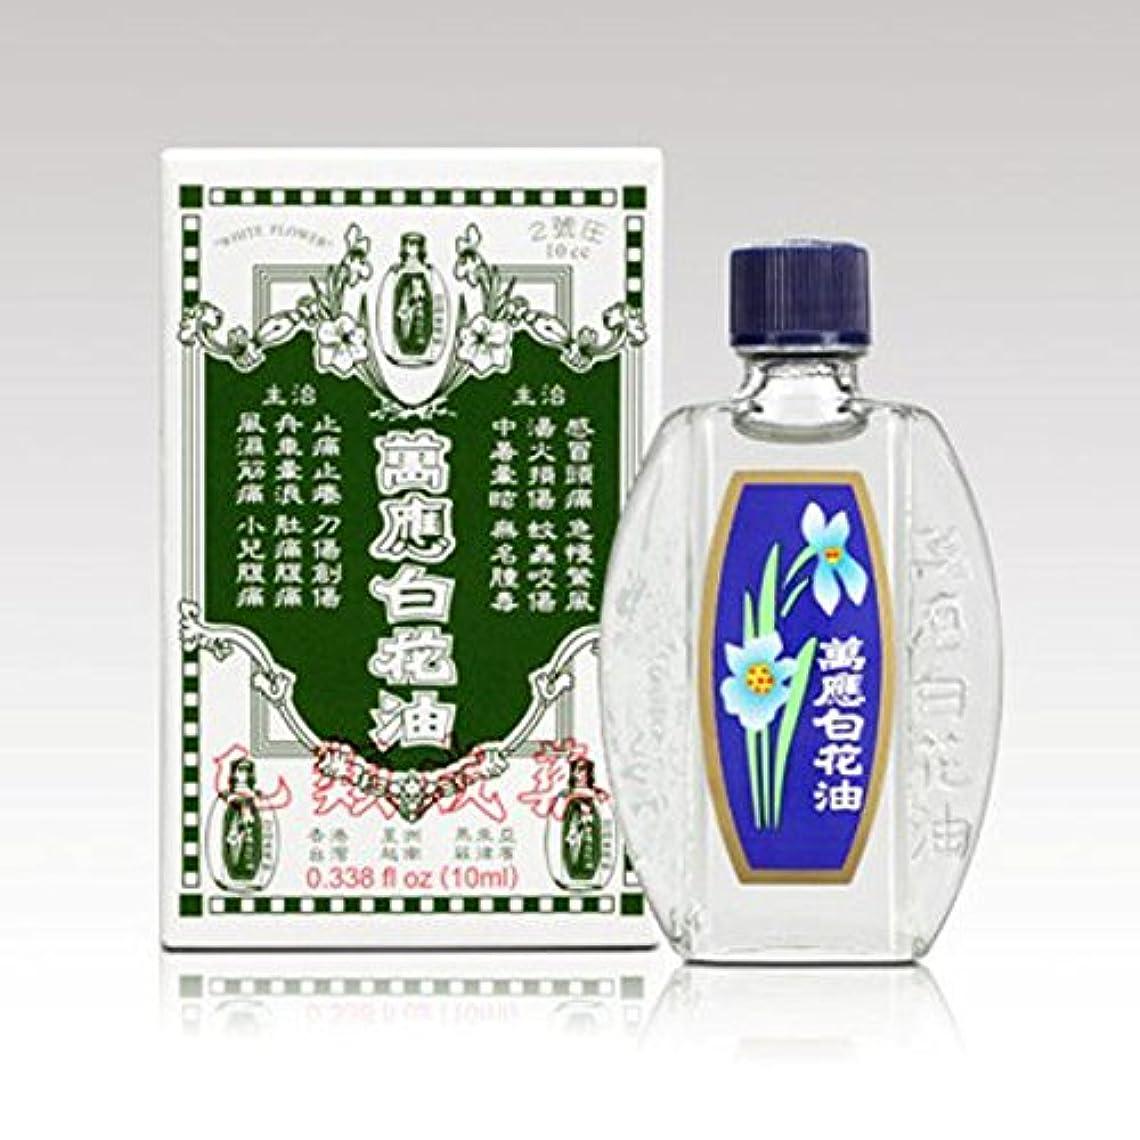 受信快適ジェームズダイソン《萬應白花油》 台湾の万能アロマオイル 万能白花油 10ml 《台湾 お土産》 [並行輸入品]